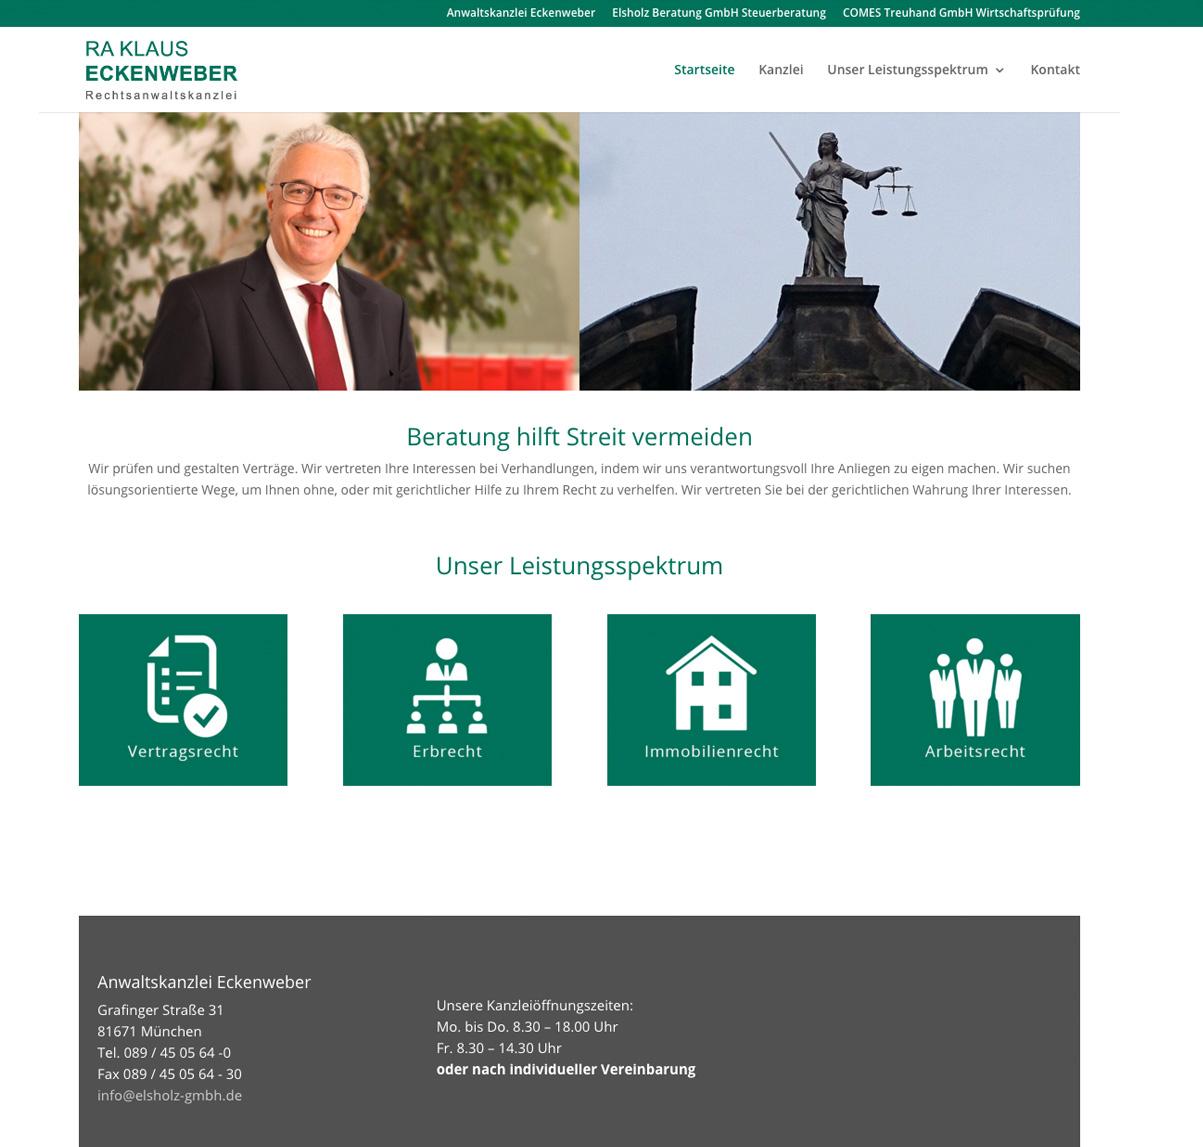 Anwalt Klaus Eckenweber auf der Kanzleiseite der Elsholz GmbH